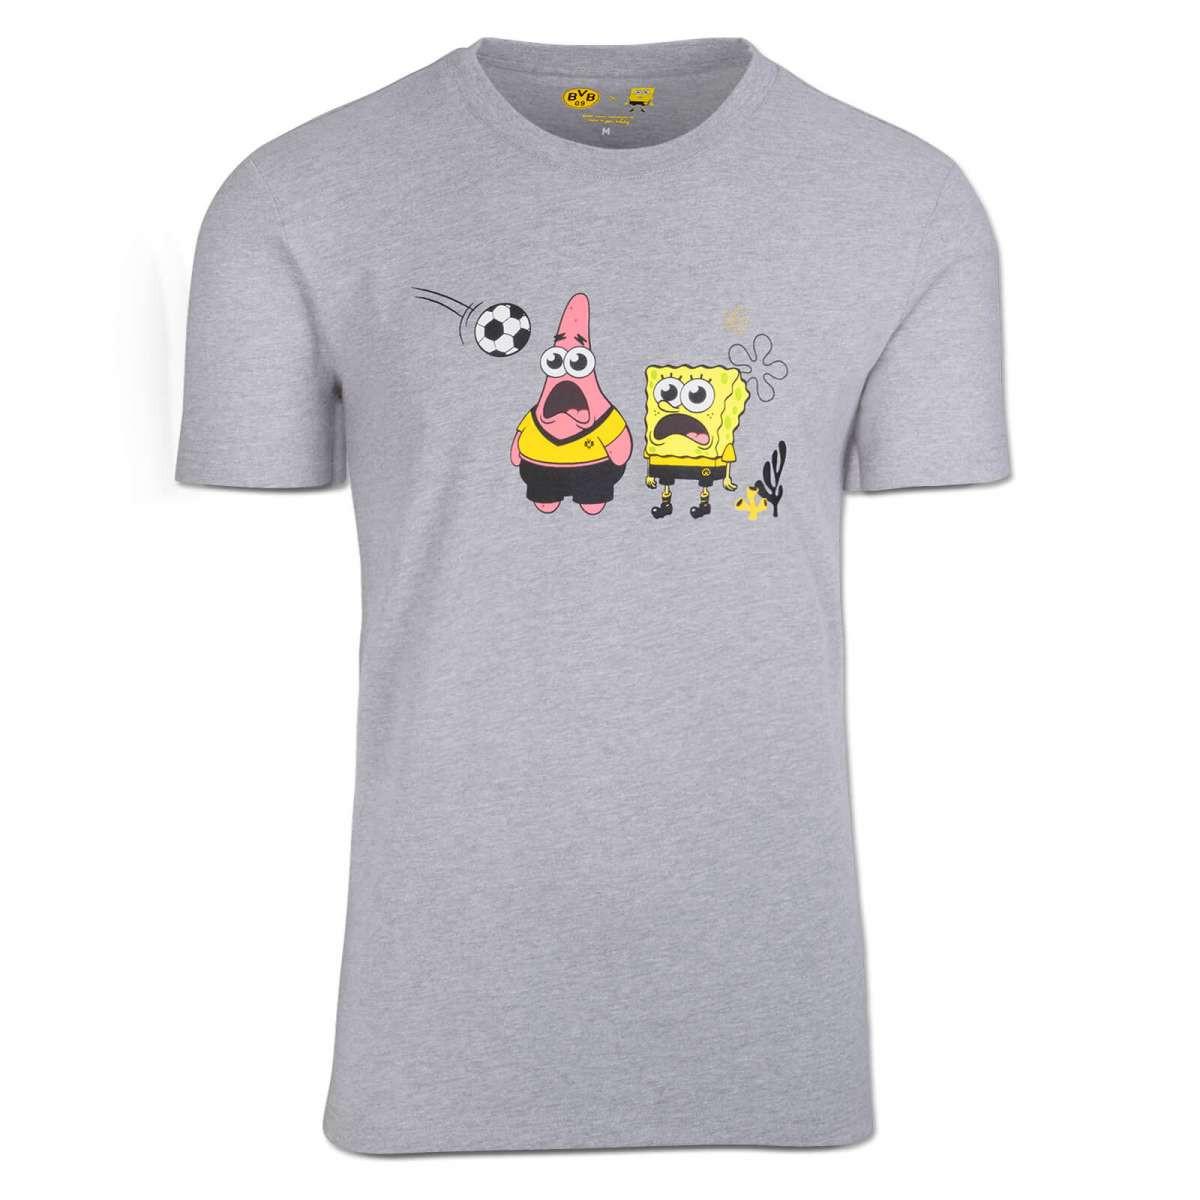 SpongeBob x Borussia Dortmund T-shirt grey